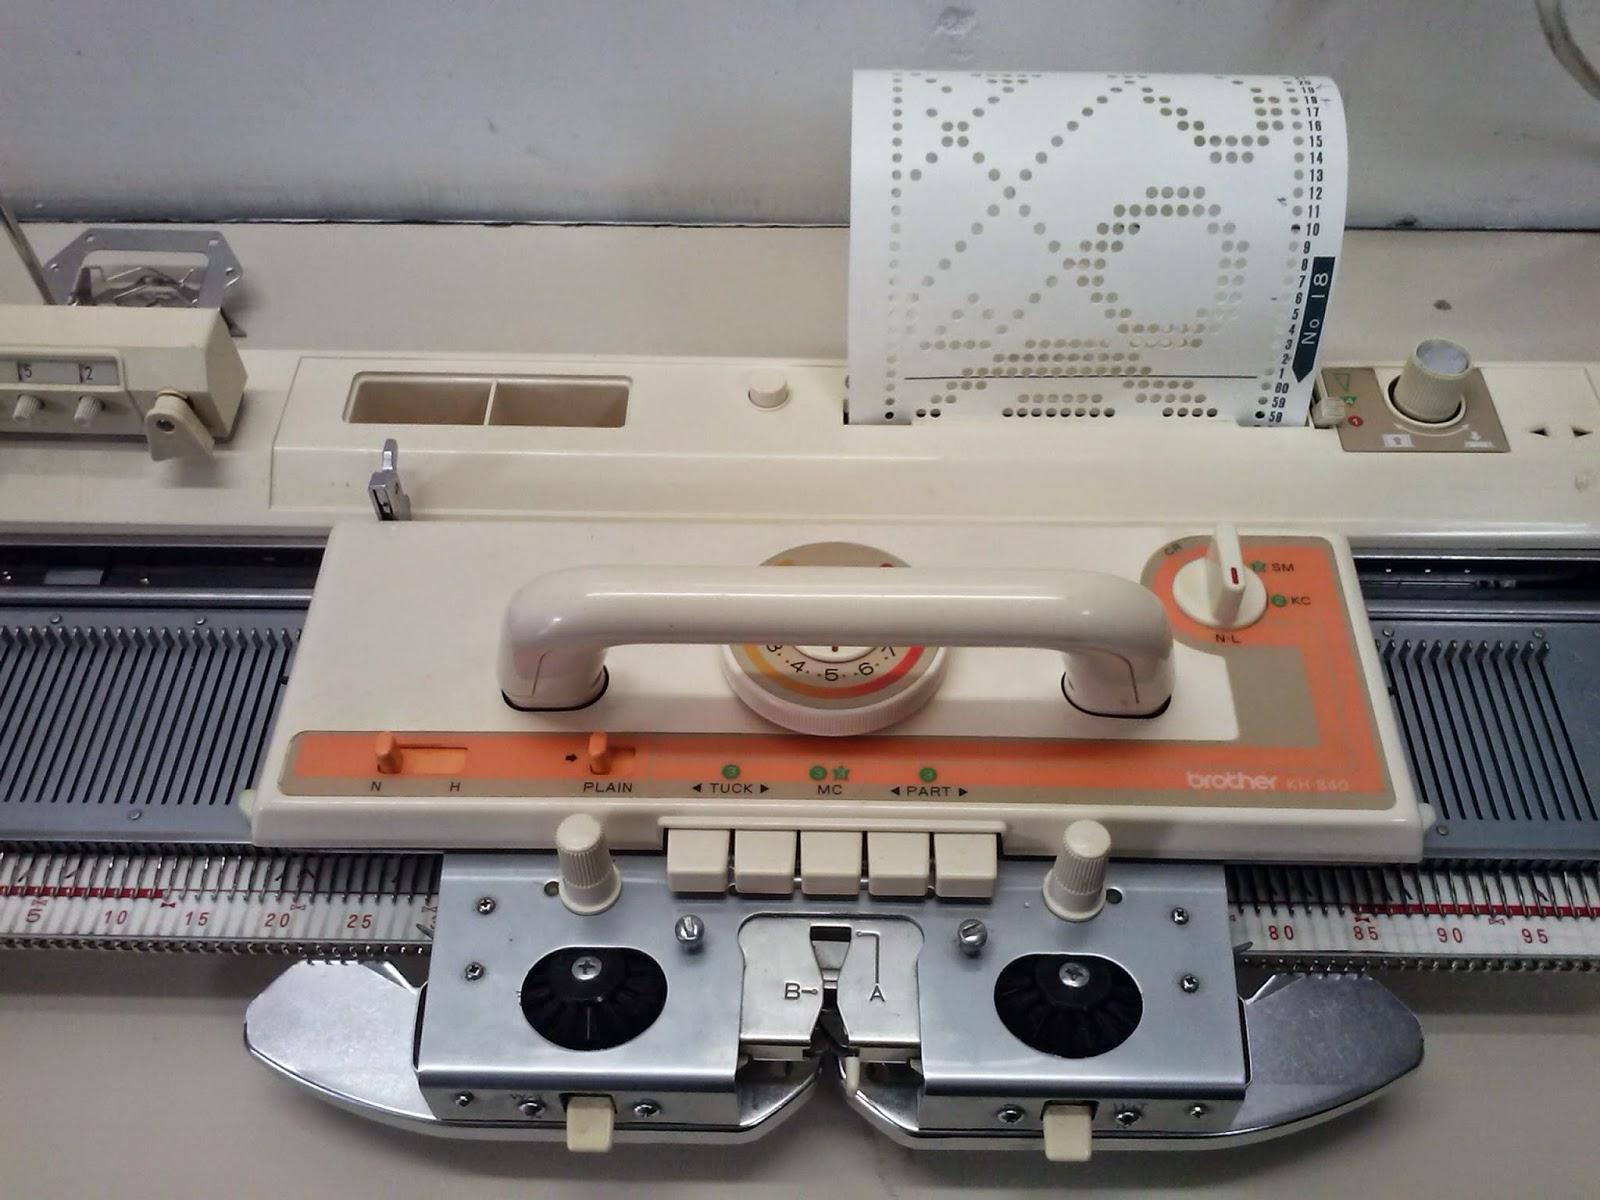 ... não importa o model (860 - 890 - 930 ) ambas são as mesmas maquinas, só  fabricadas em diferentes anos.... e agora com a marca Lanofix Nova Geração .